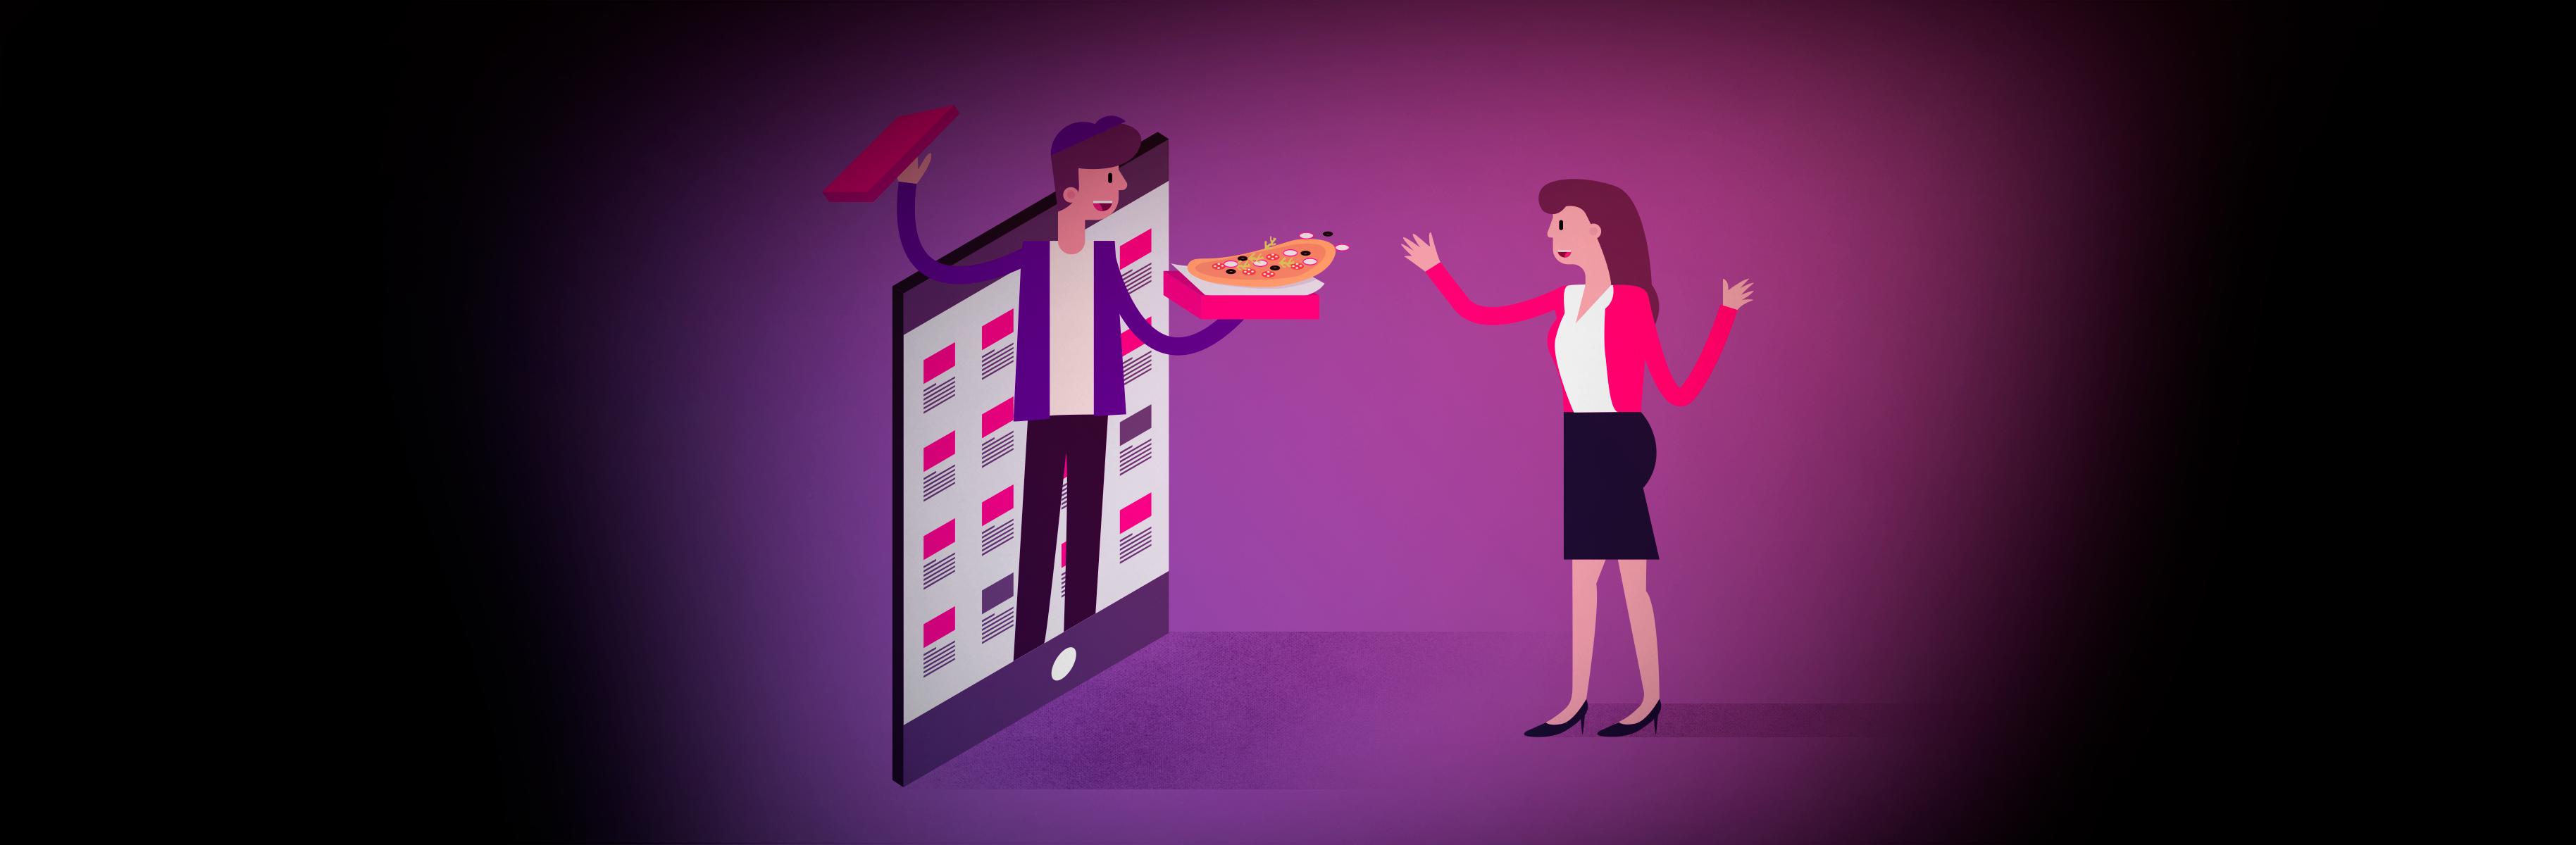 O papel do processo de atendimento nos restaurantes e deliverys